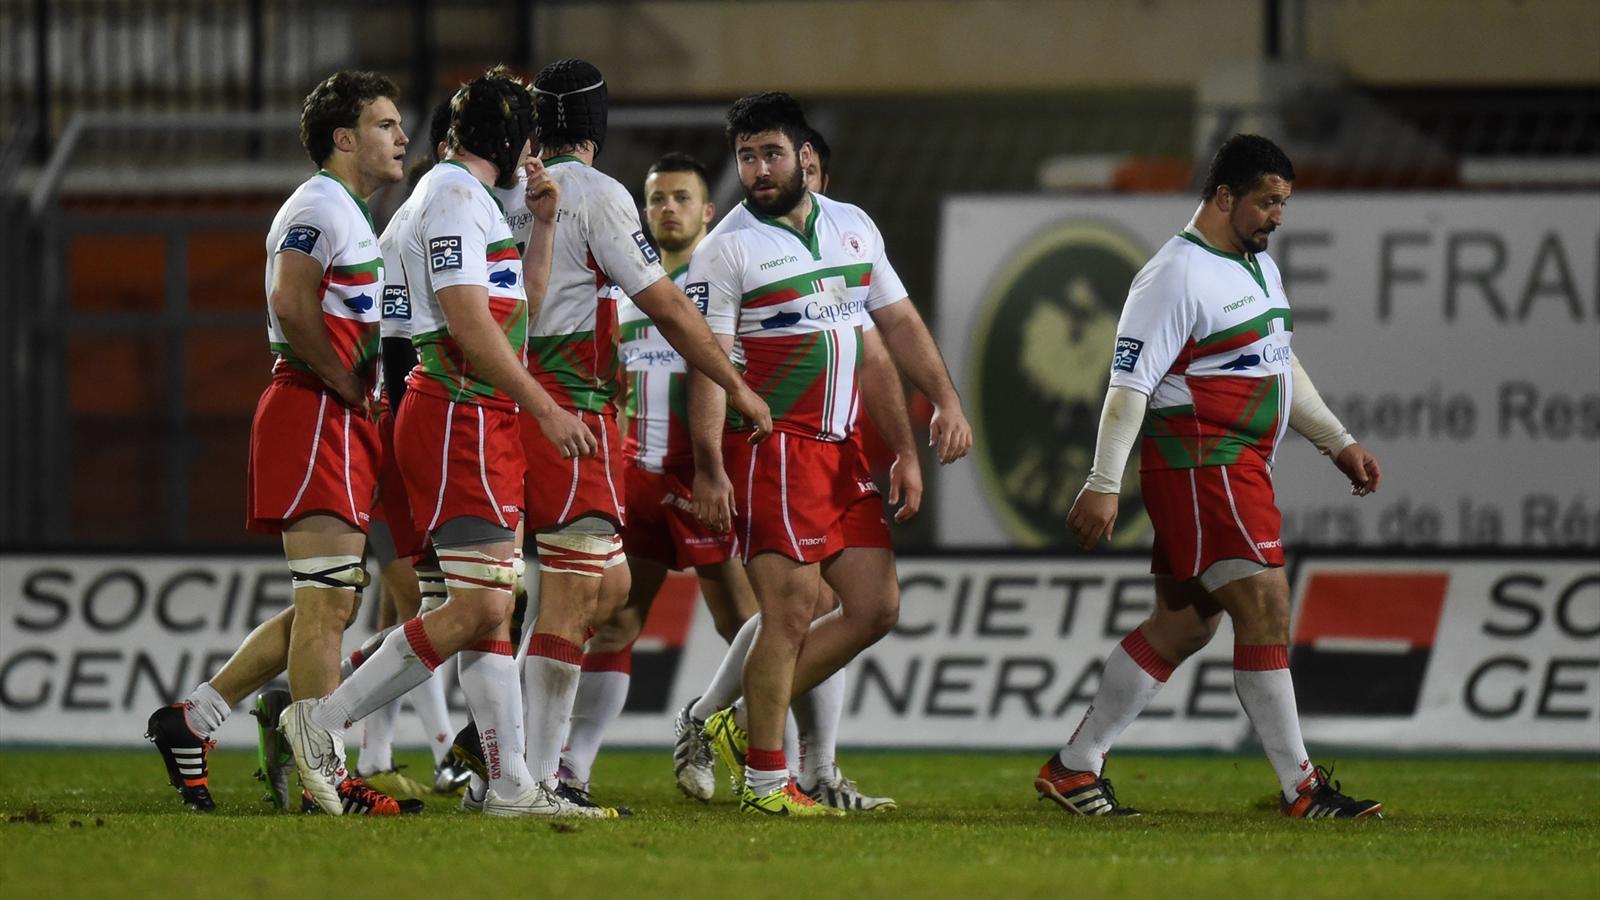 Biarritz rlégué en Fédérale 1 !